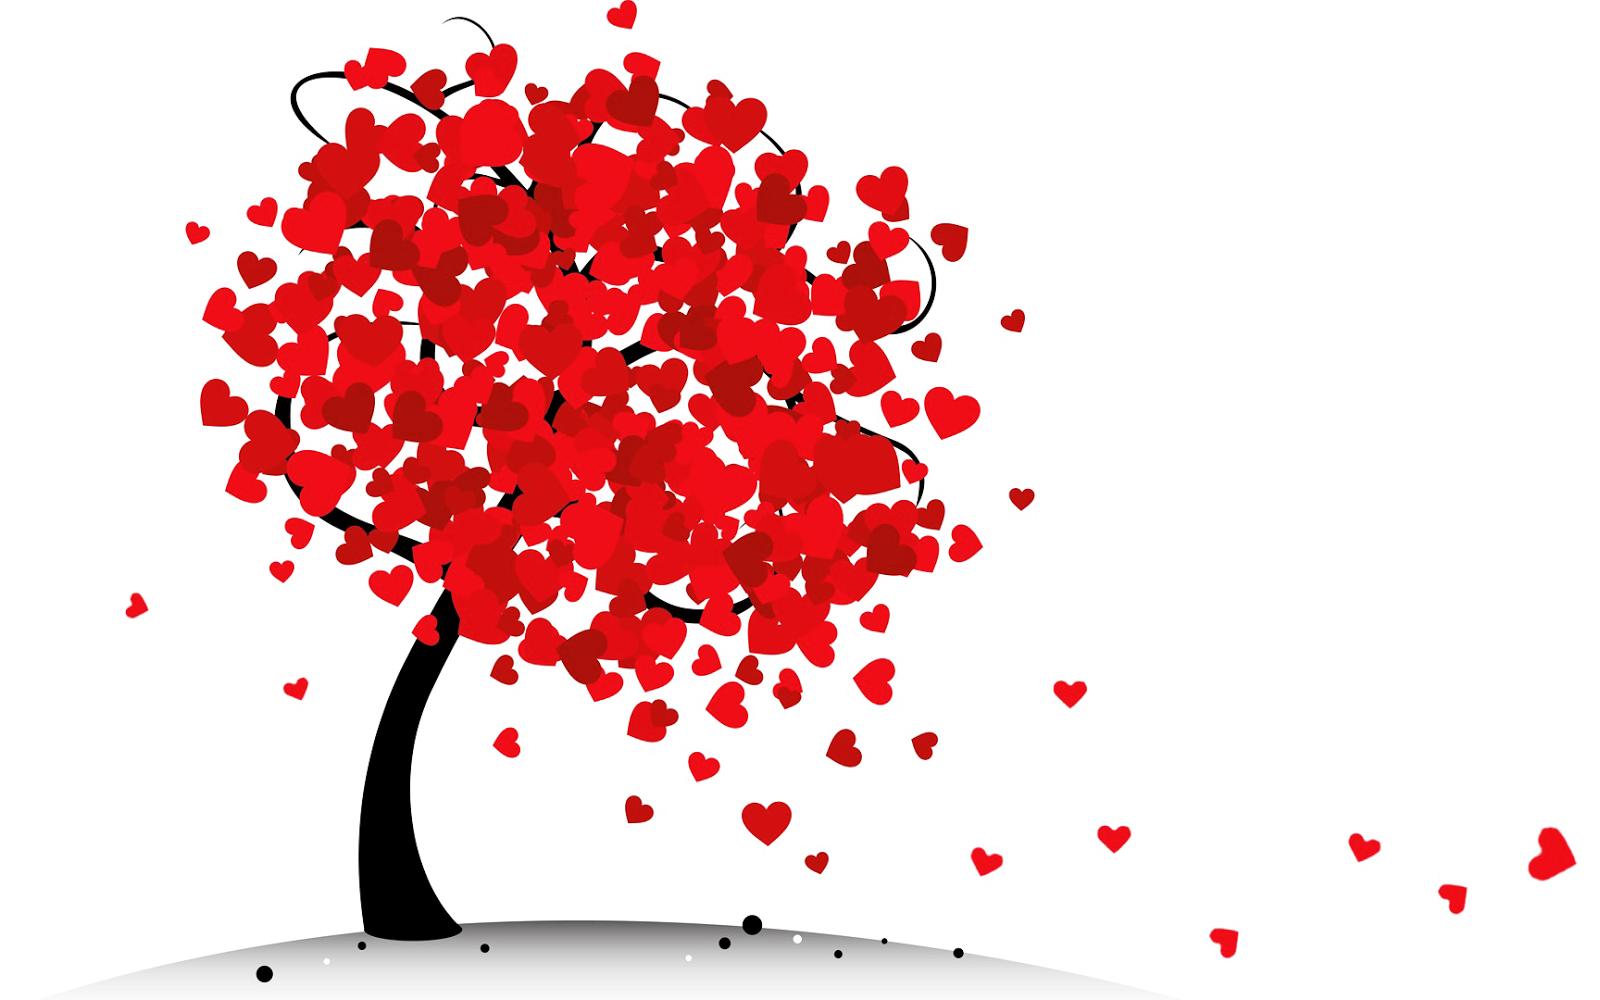 Liefdes achtergrond met liefdesboom